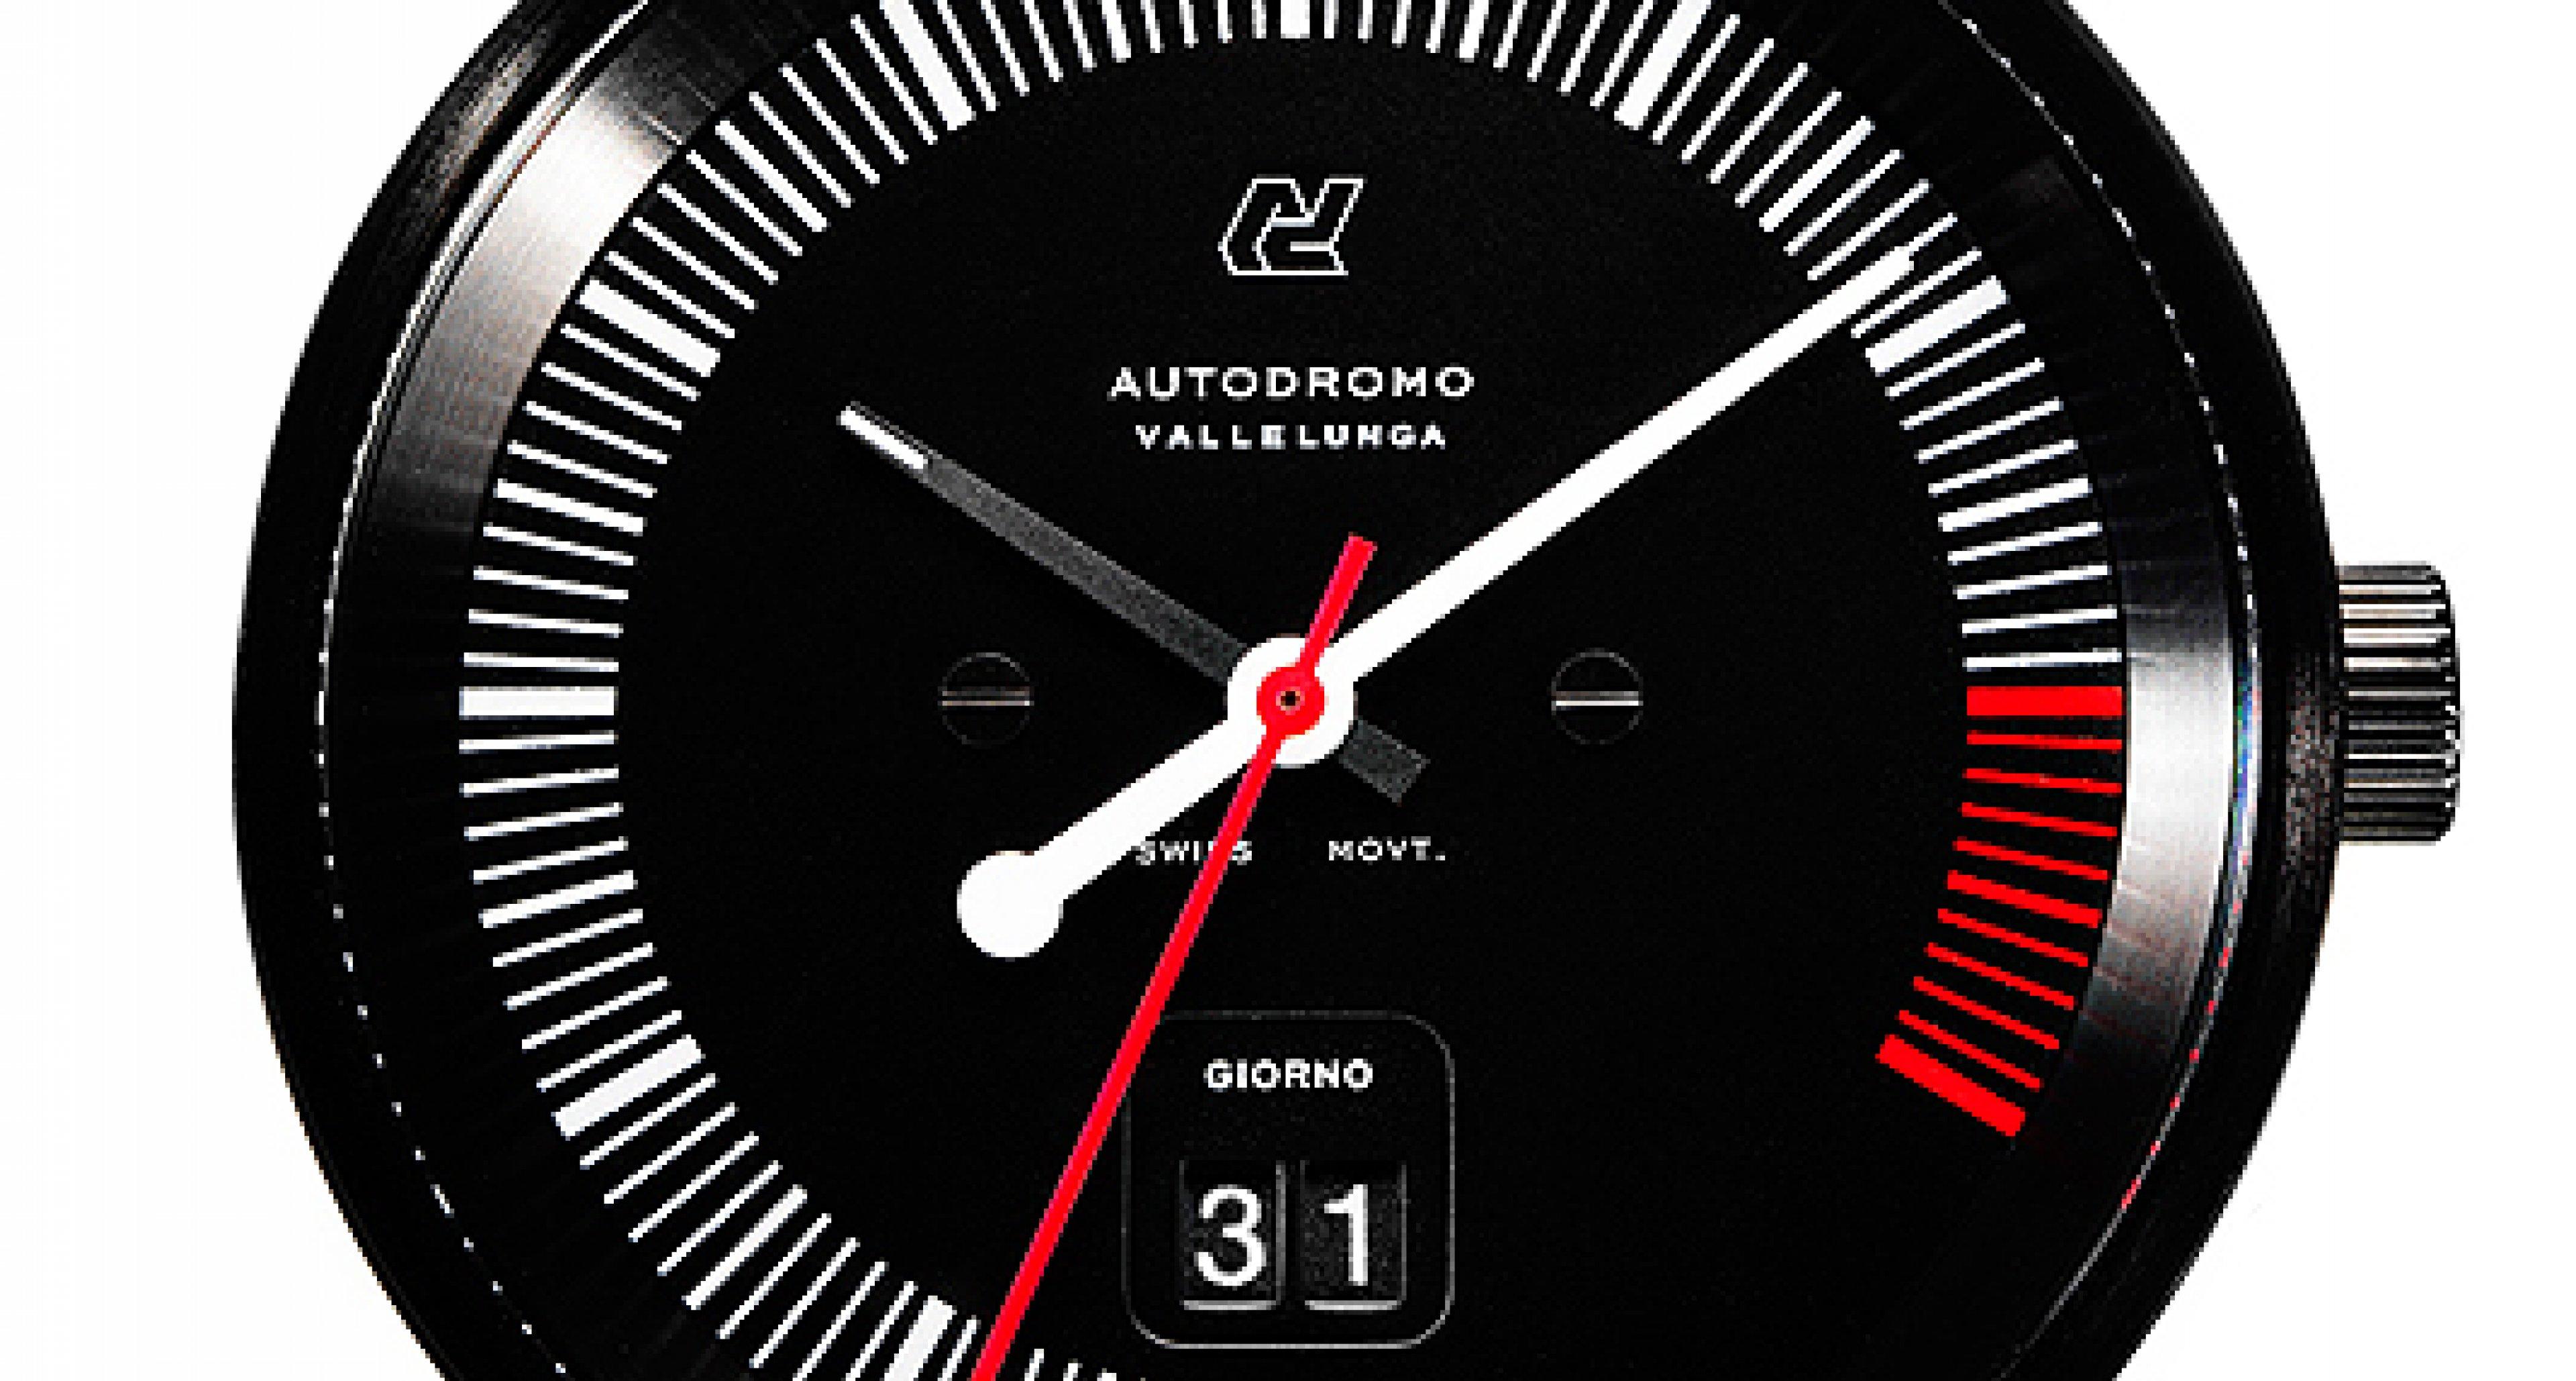 Autodromo Vallelunga: Beste Rundenzeit